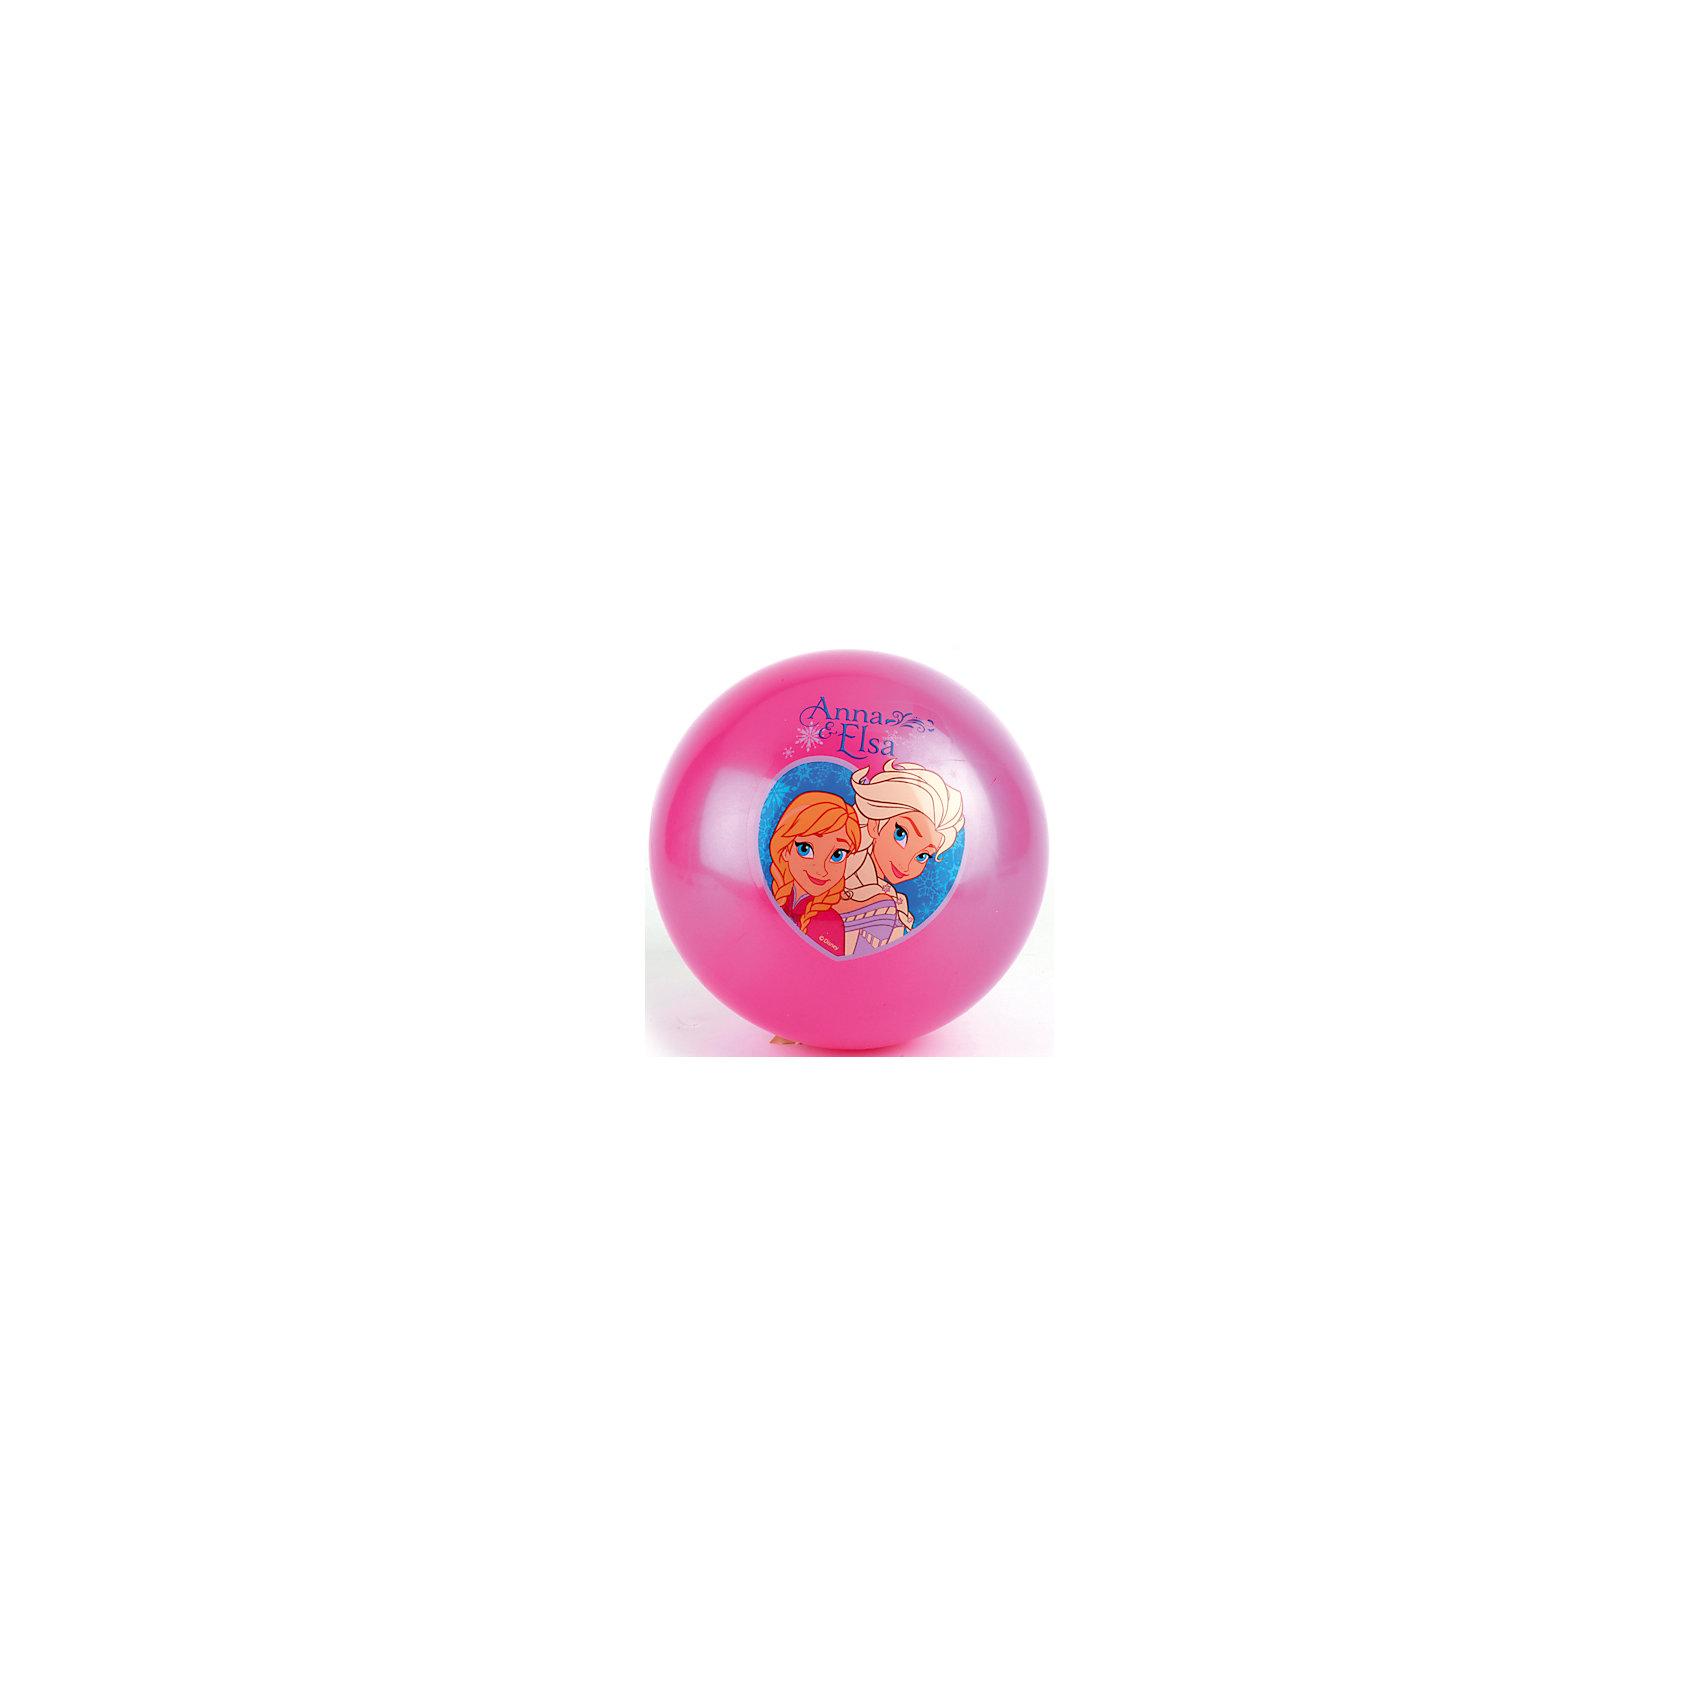 Мяч с наклейкой, 23 см, Холодное Сердце, Играем вместеПопулярные игрушки<br>Мяч с изображением любимых героинь мультфильма Frozen обязательно понравится девочкам. Игры с мячом  стимулируют детей к физической активности, развивают моторику, координацию, тренируют различные группы мышц. Игрушка выполнена из высококачественных материалов, в производстве которых использованы только нетоксичные, безопасные для детей красители. <br><br>Дополнительная информация:<br><br>- Материал: ПВХ.<br>- Размер d - 23 см.<br>- Оформлен изображениями Эльзы и Анны.<br><br>Мяч с наклейкой, 23 см, Холодное Сердце, Играем вместе, можно купить в нашем магазине.<br><br>Ширина мм: 450<br>Глубина мм: 260<br>Высота мм: 300<br>Вес г: 80<br>Возраст от месяцев: 36<br>Возраст до месяцев: 144<br>Пол: Женский<br>Возраст: Детский<br>SKU: 4616828